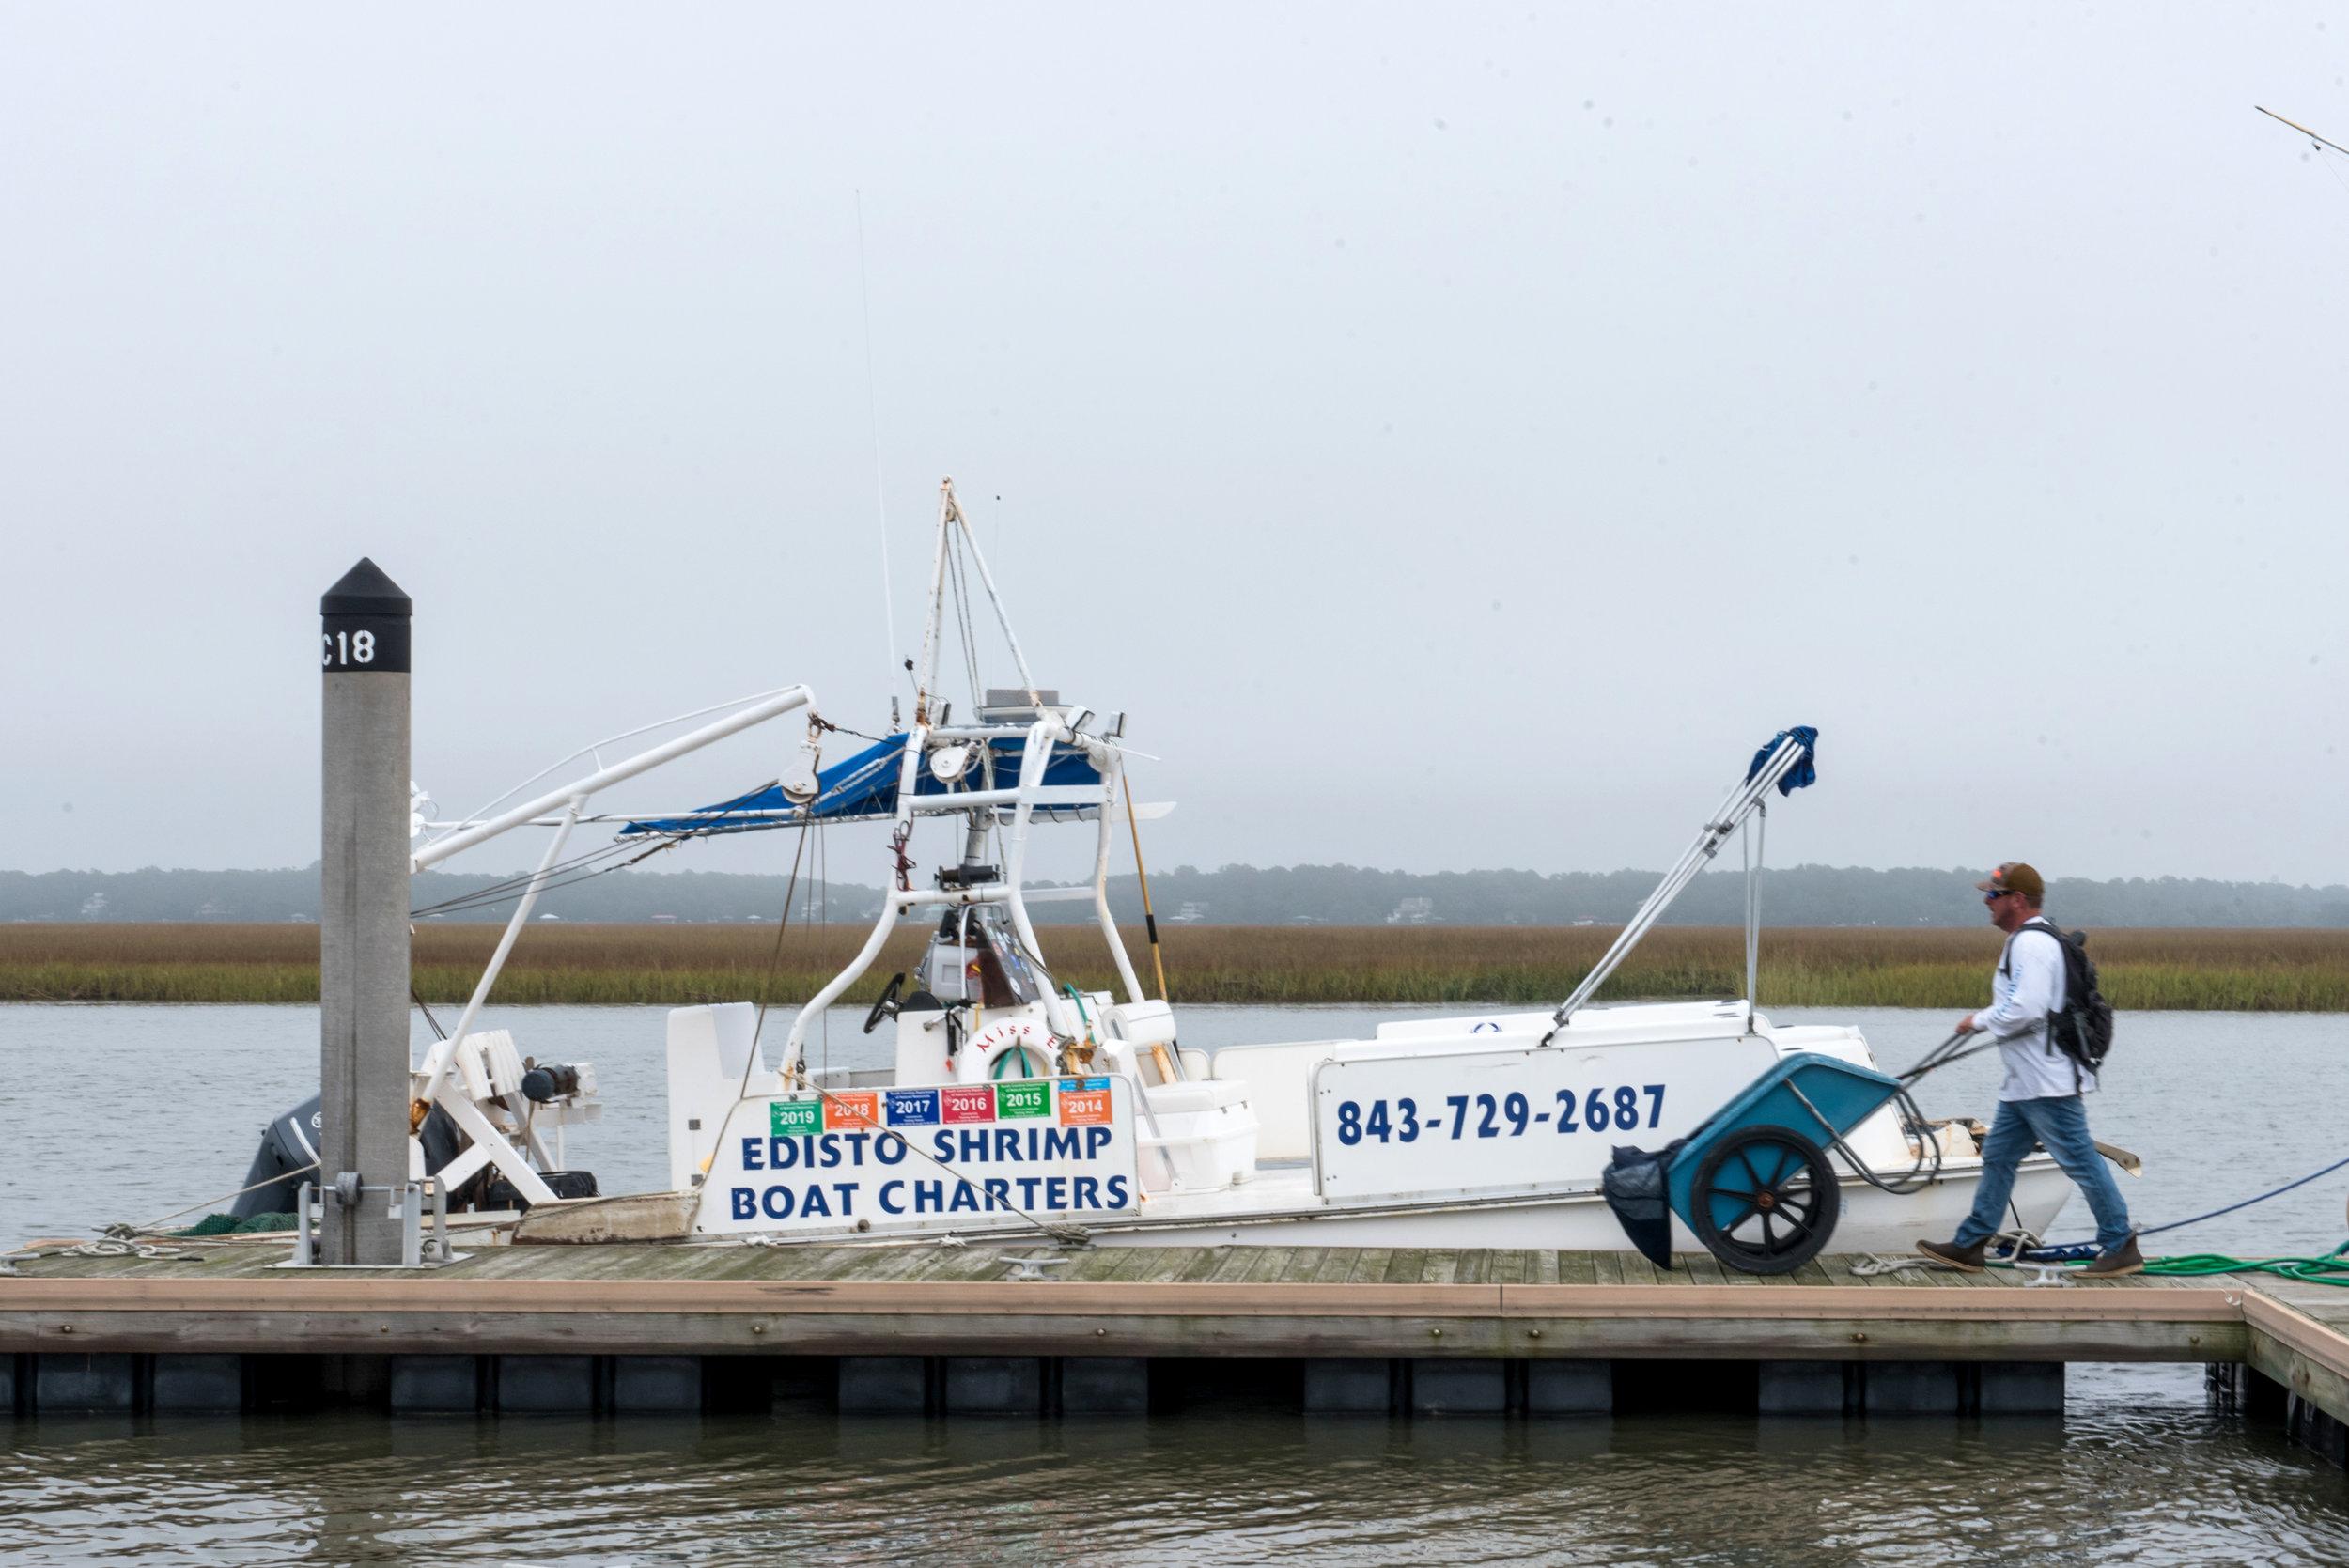 Shrimp_Boat_Charters-7060.jpg